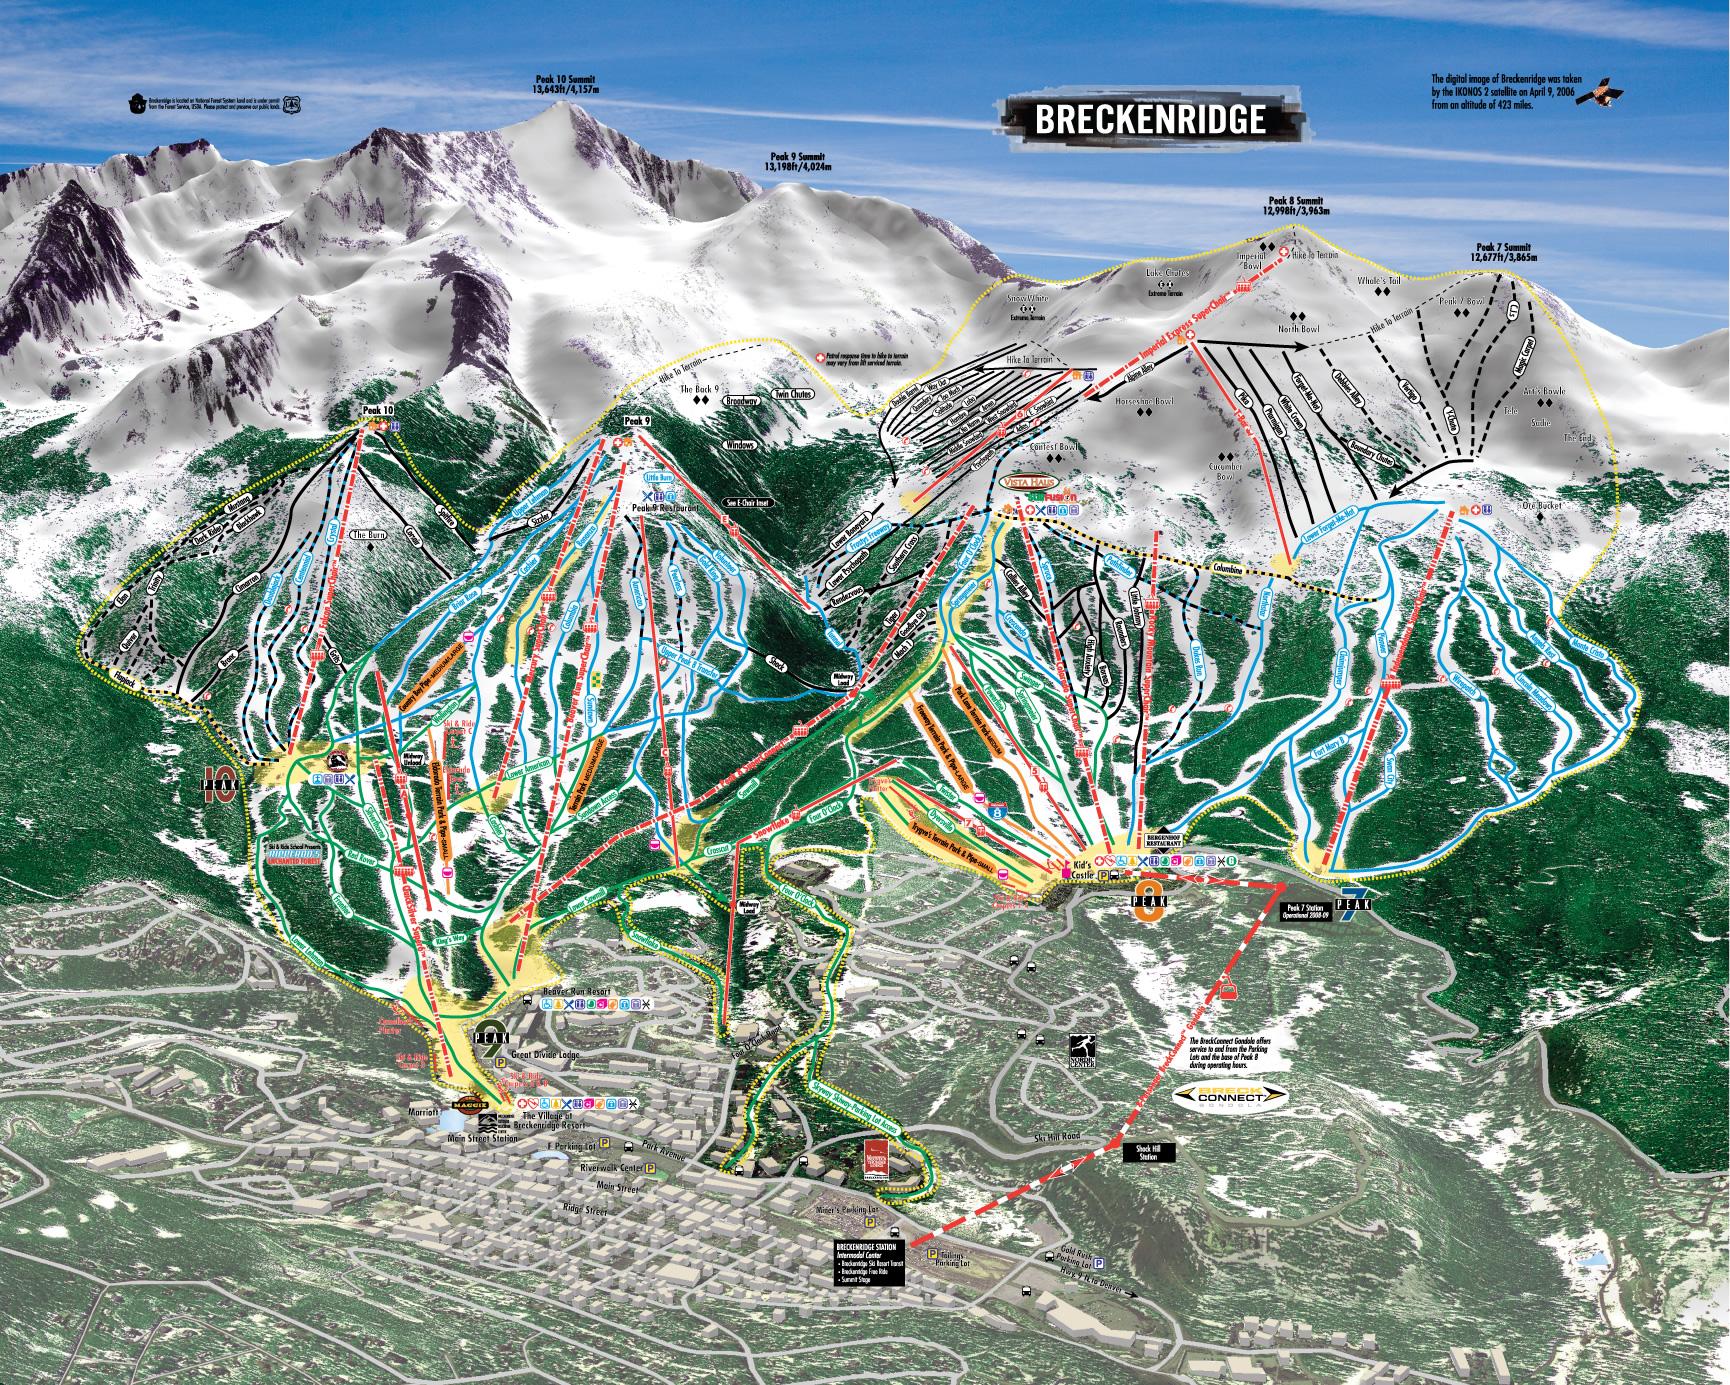 breckenridge ski resort ski trail map  breckenridge colorado united states• mappery. breckenridge ski resort ski trail map  breckenridge colorado